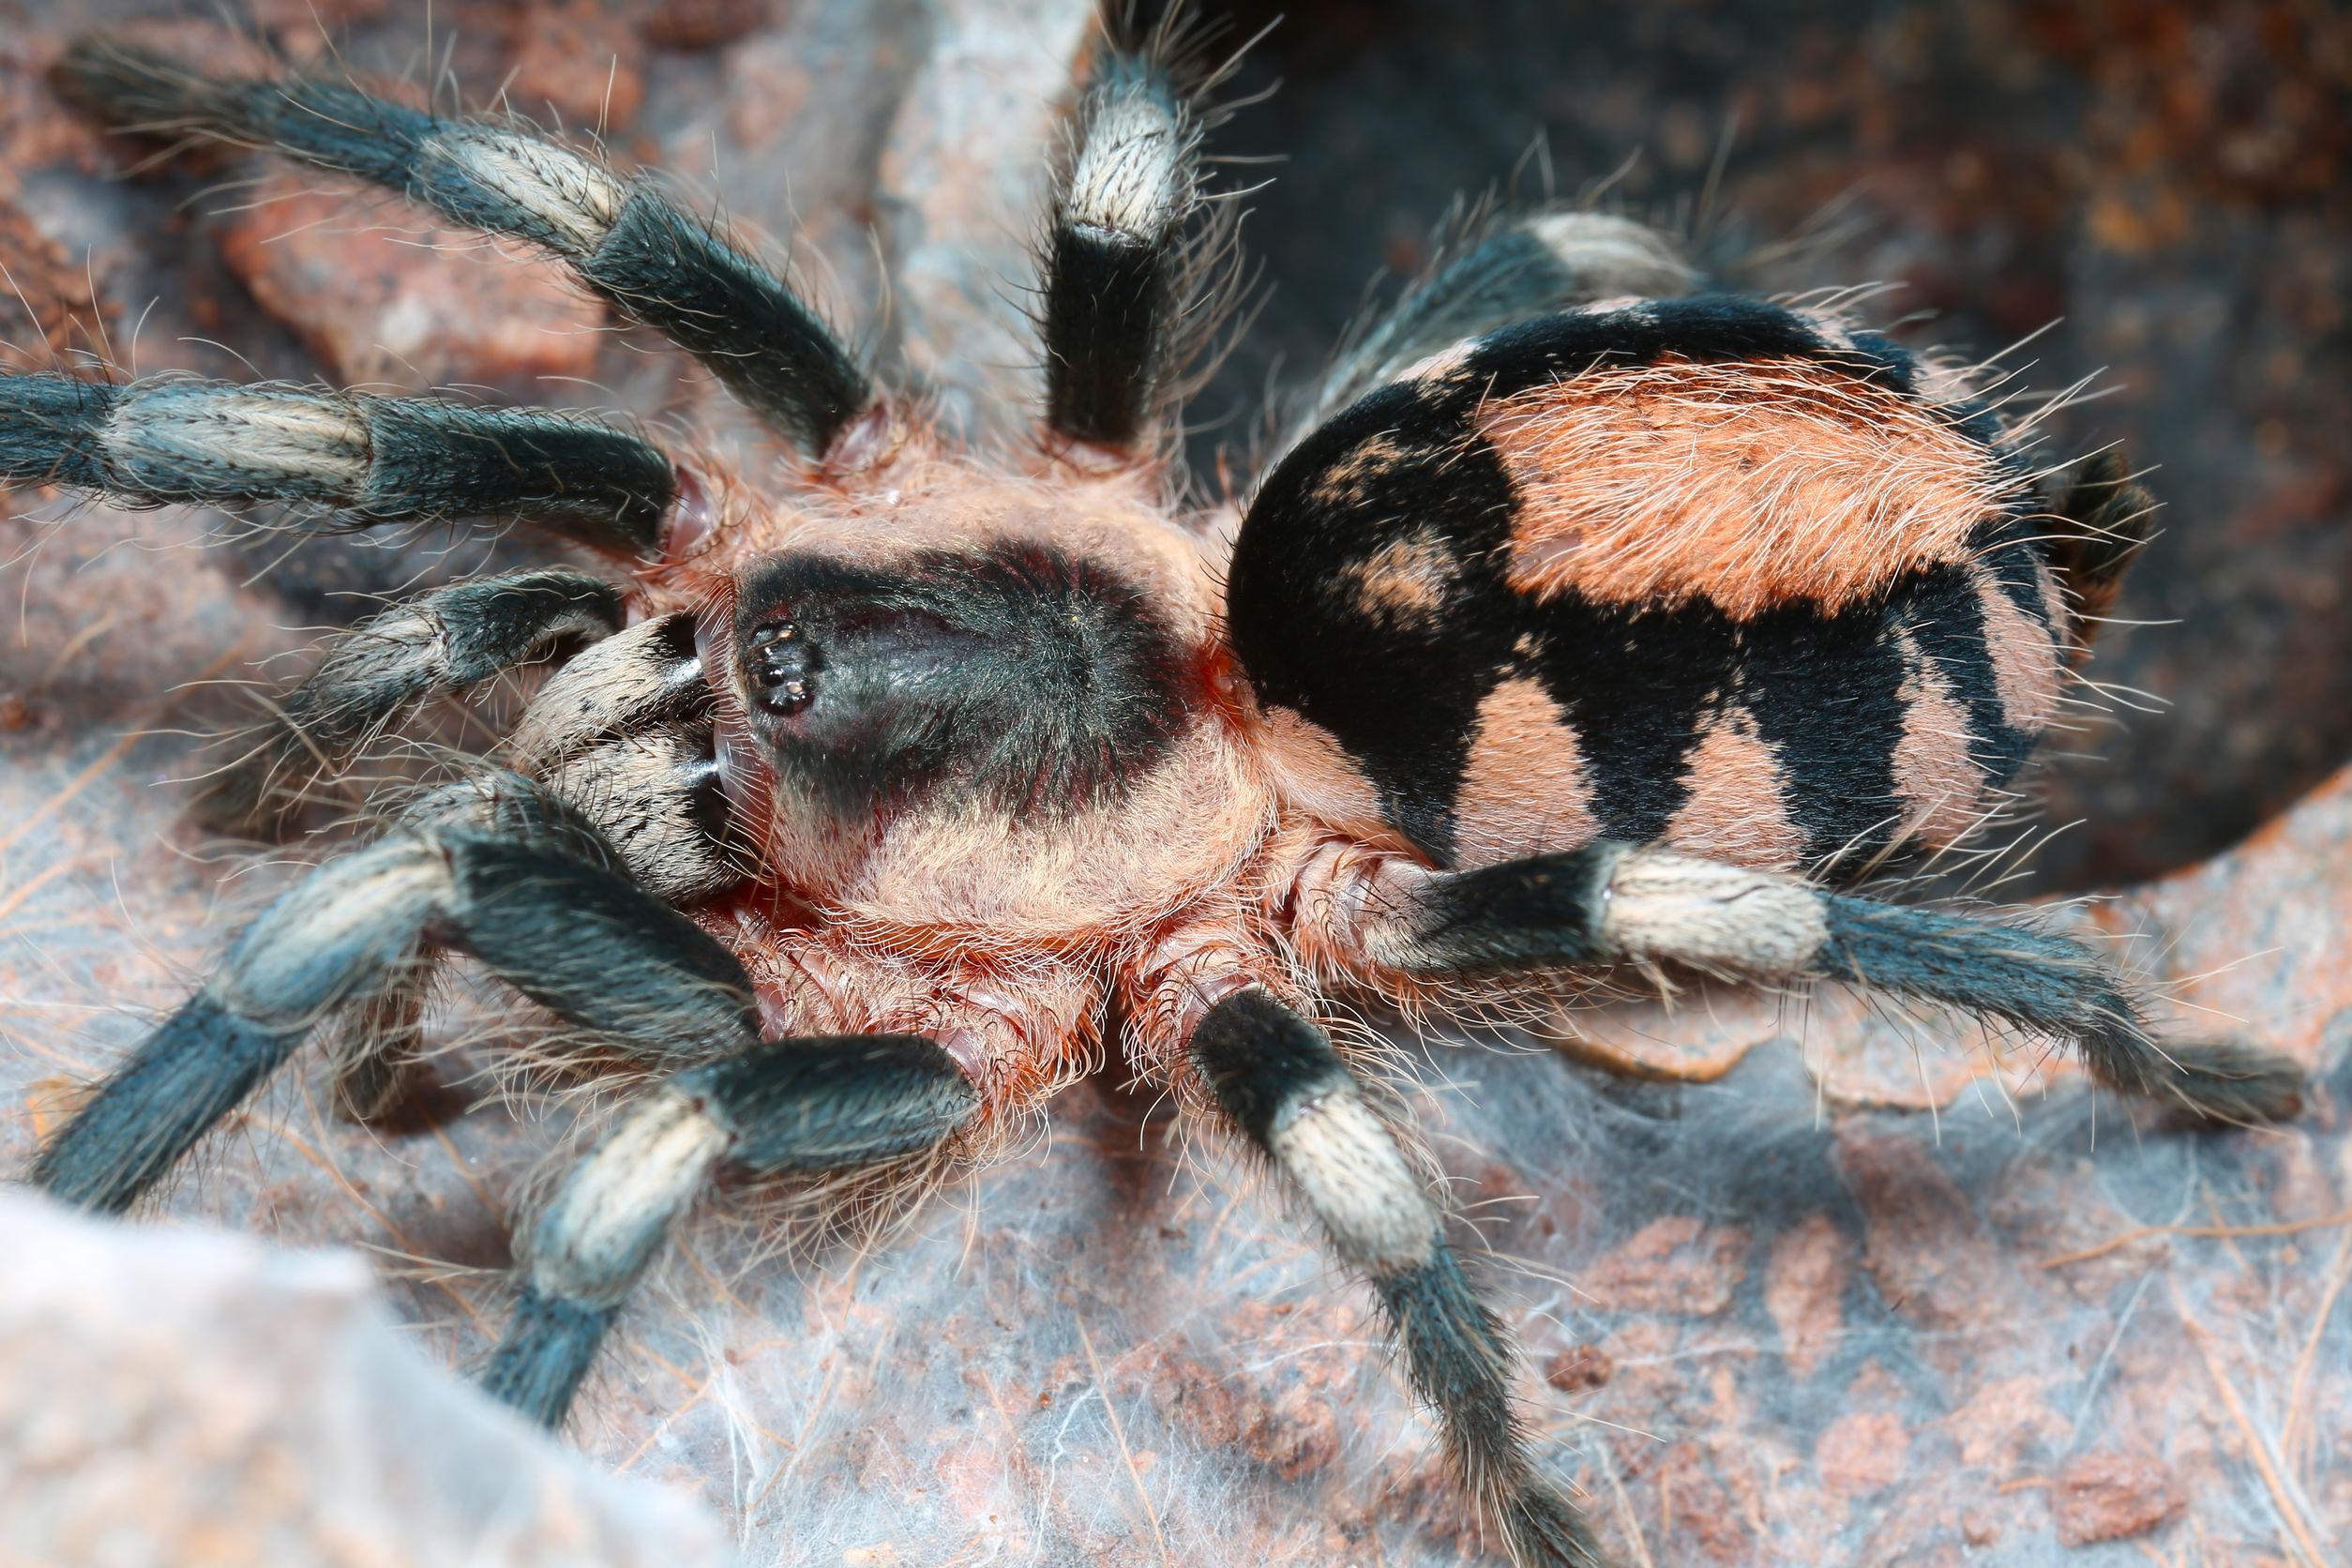 Tarantula closeup